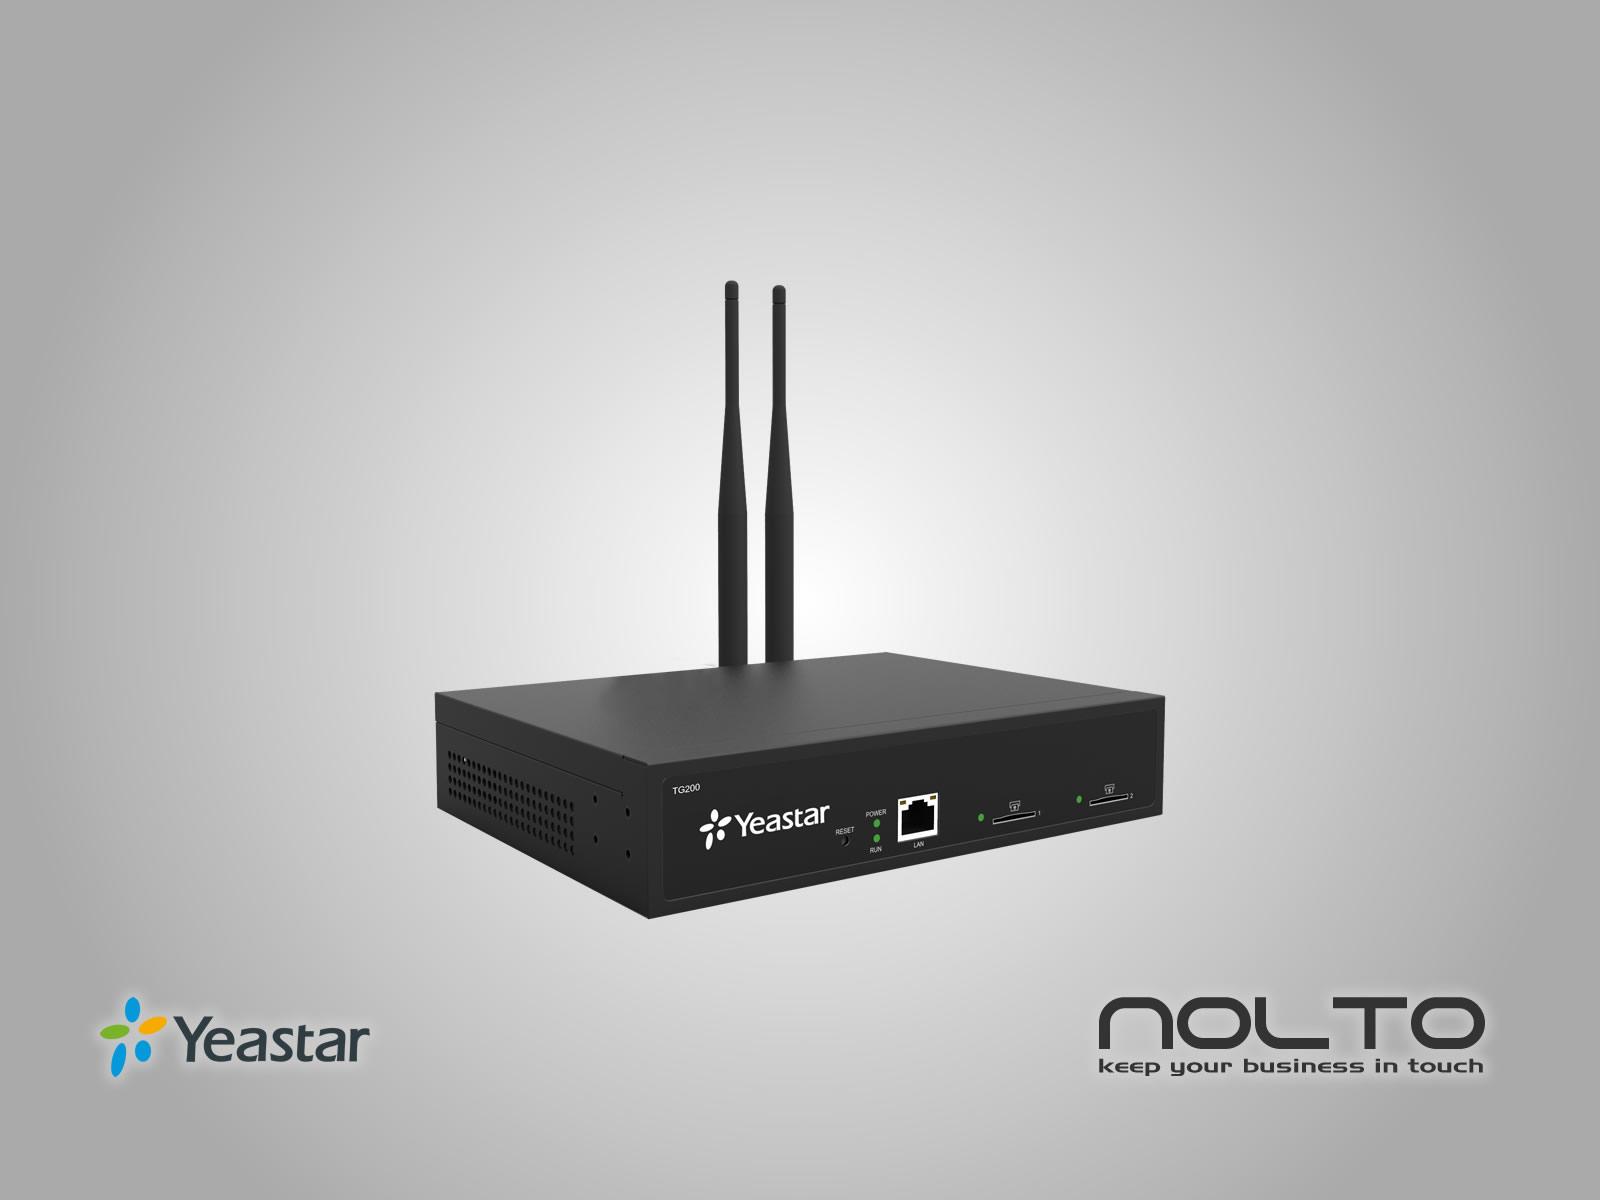 Yeastar TG200G GSM VoIP Gateway